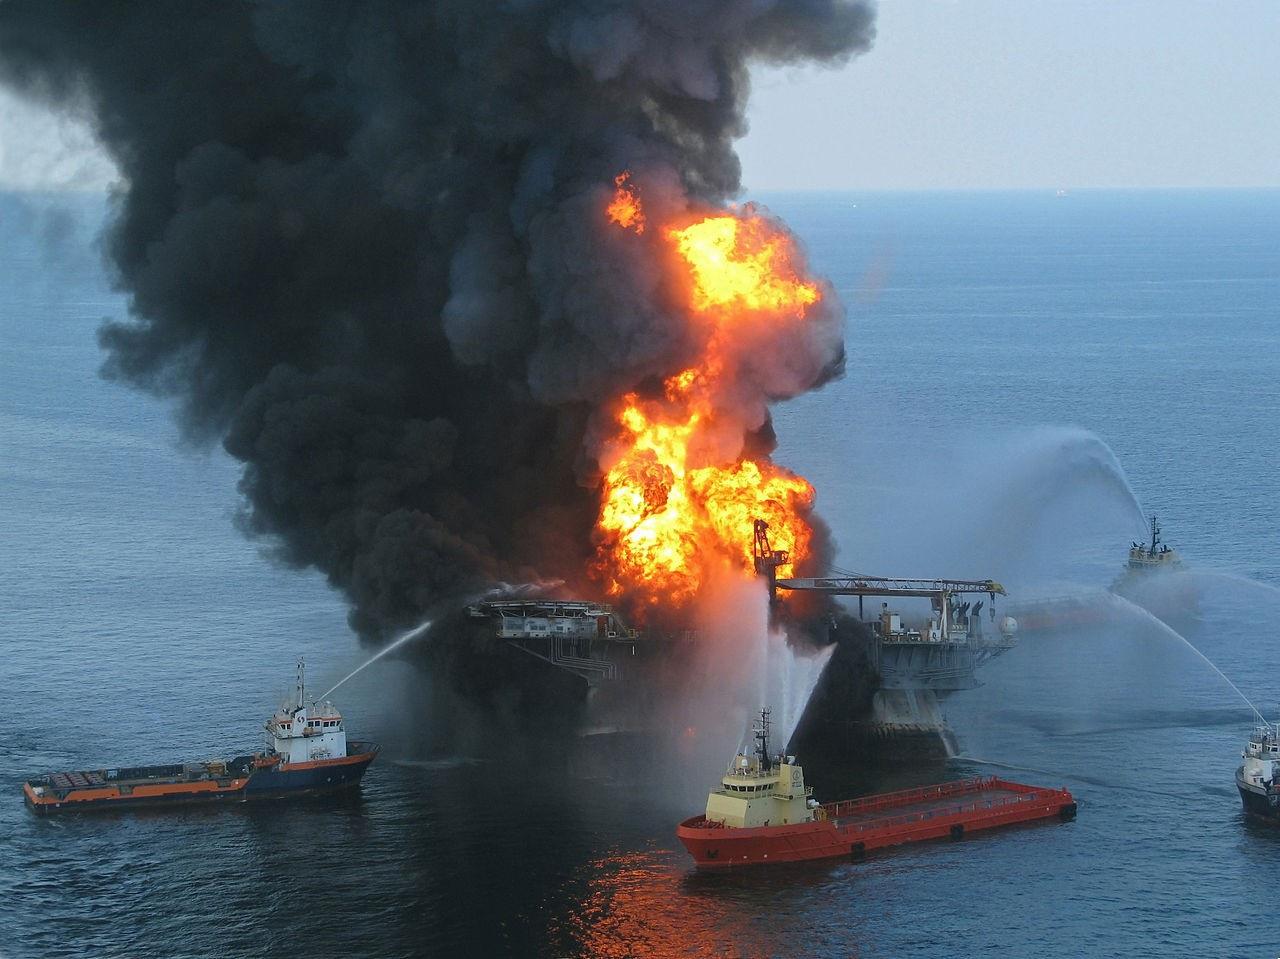 После взрыва на нефтяной платформе Deepwater Horizon в 2001 году в Мексиканский залив попали десятки миллионов баррелей нефти.